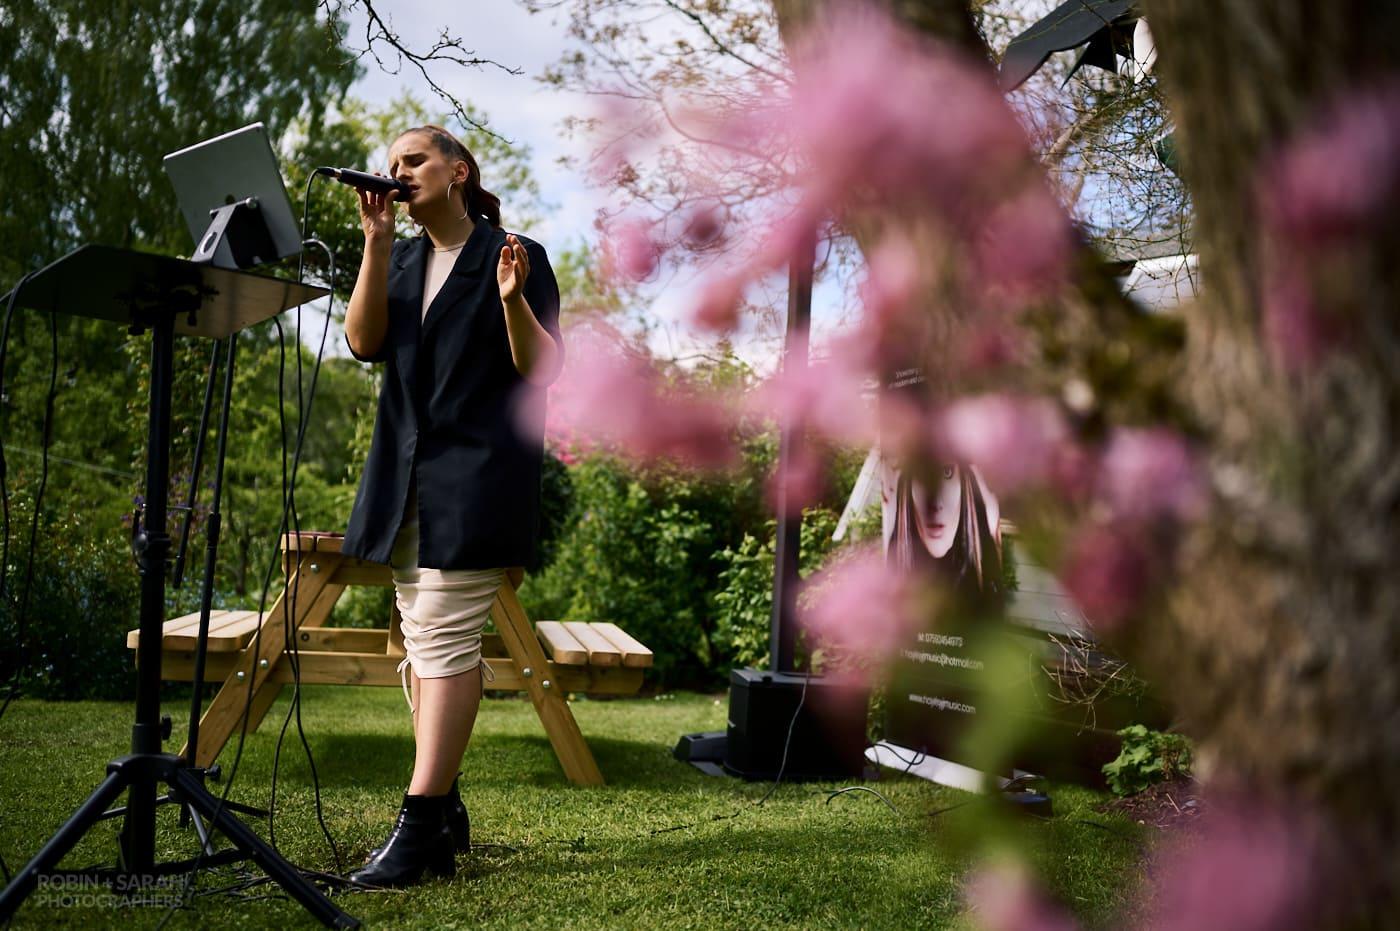 Female vocalist sings at garden wedding reception